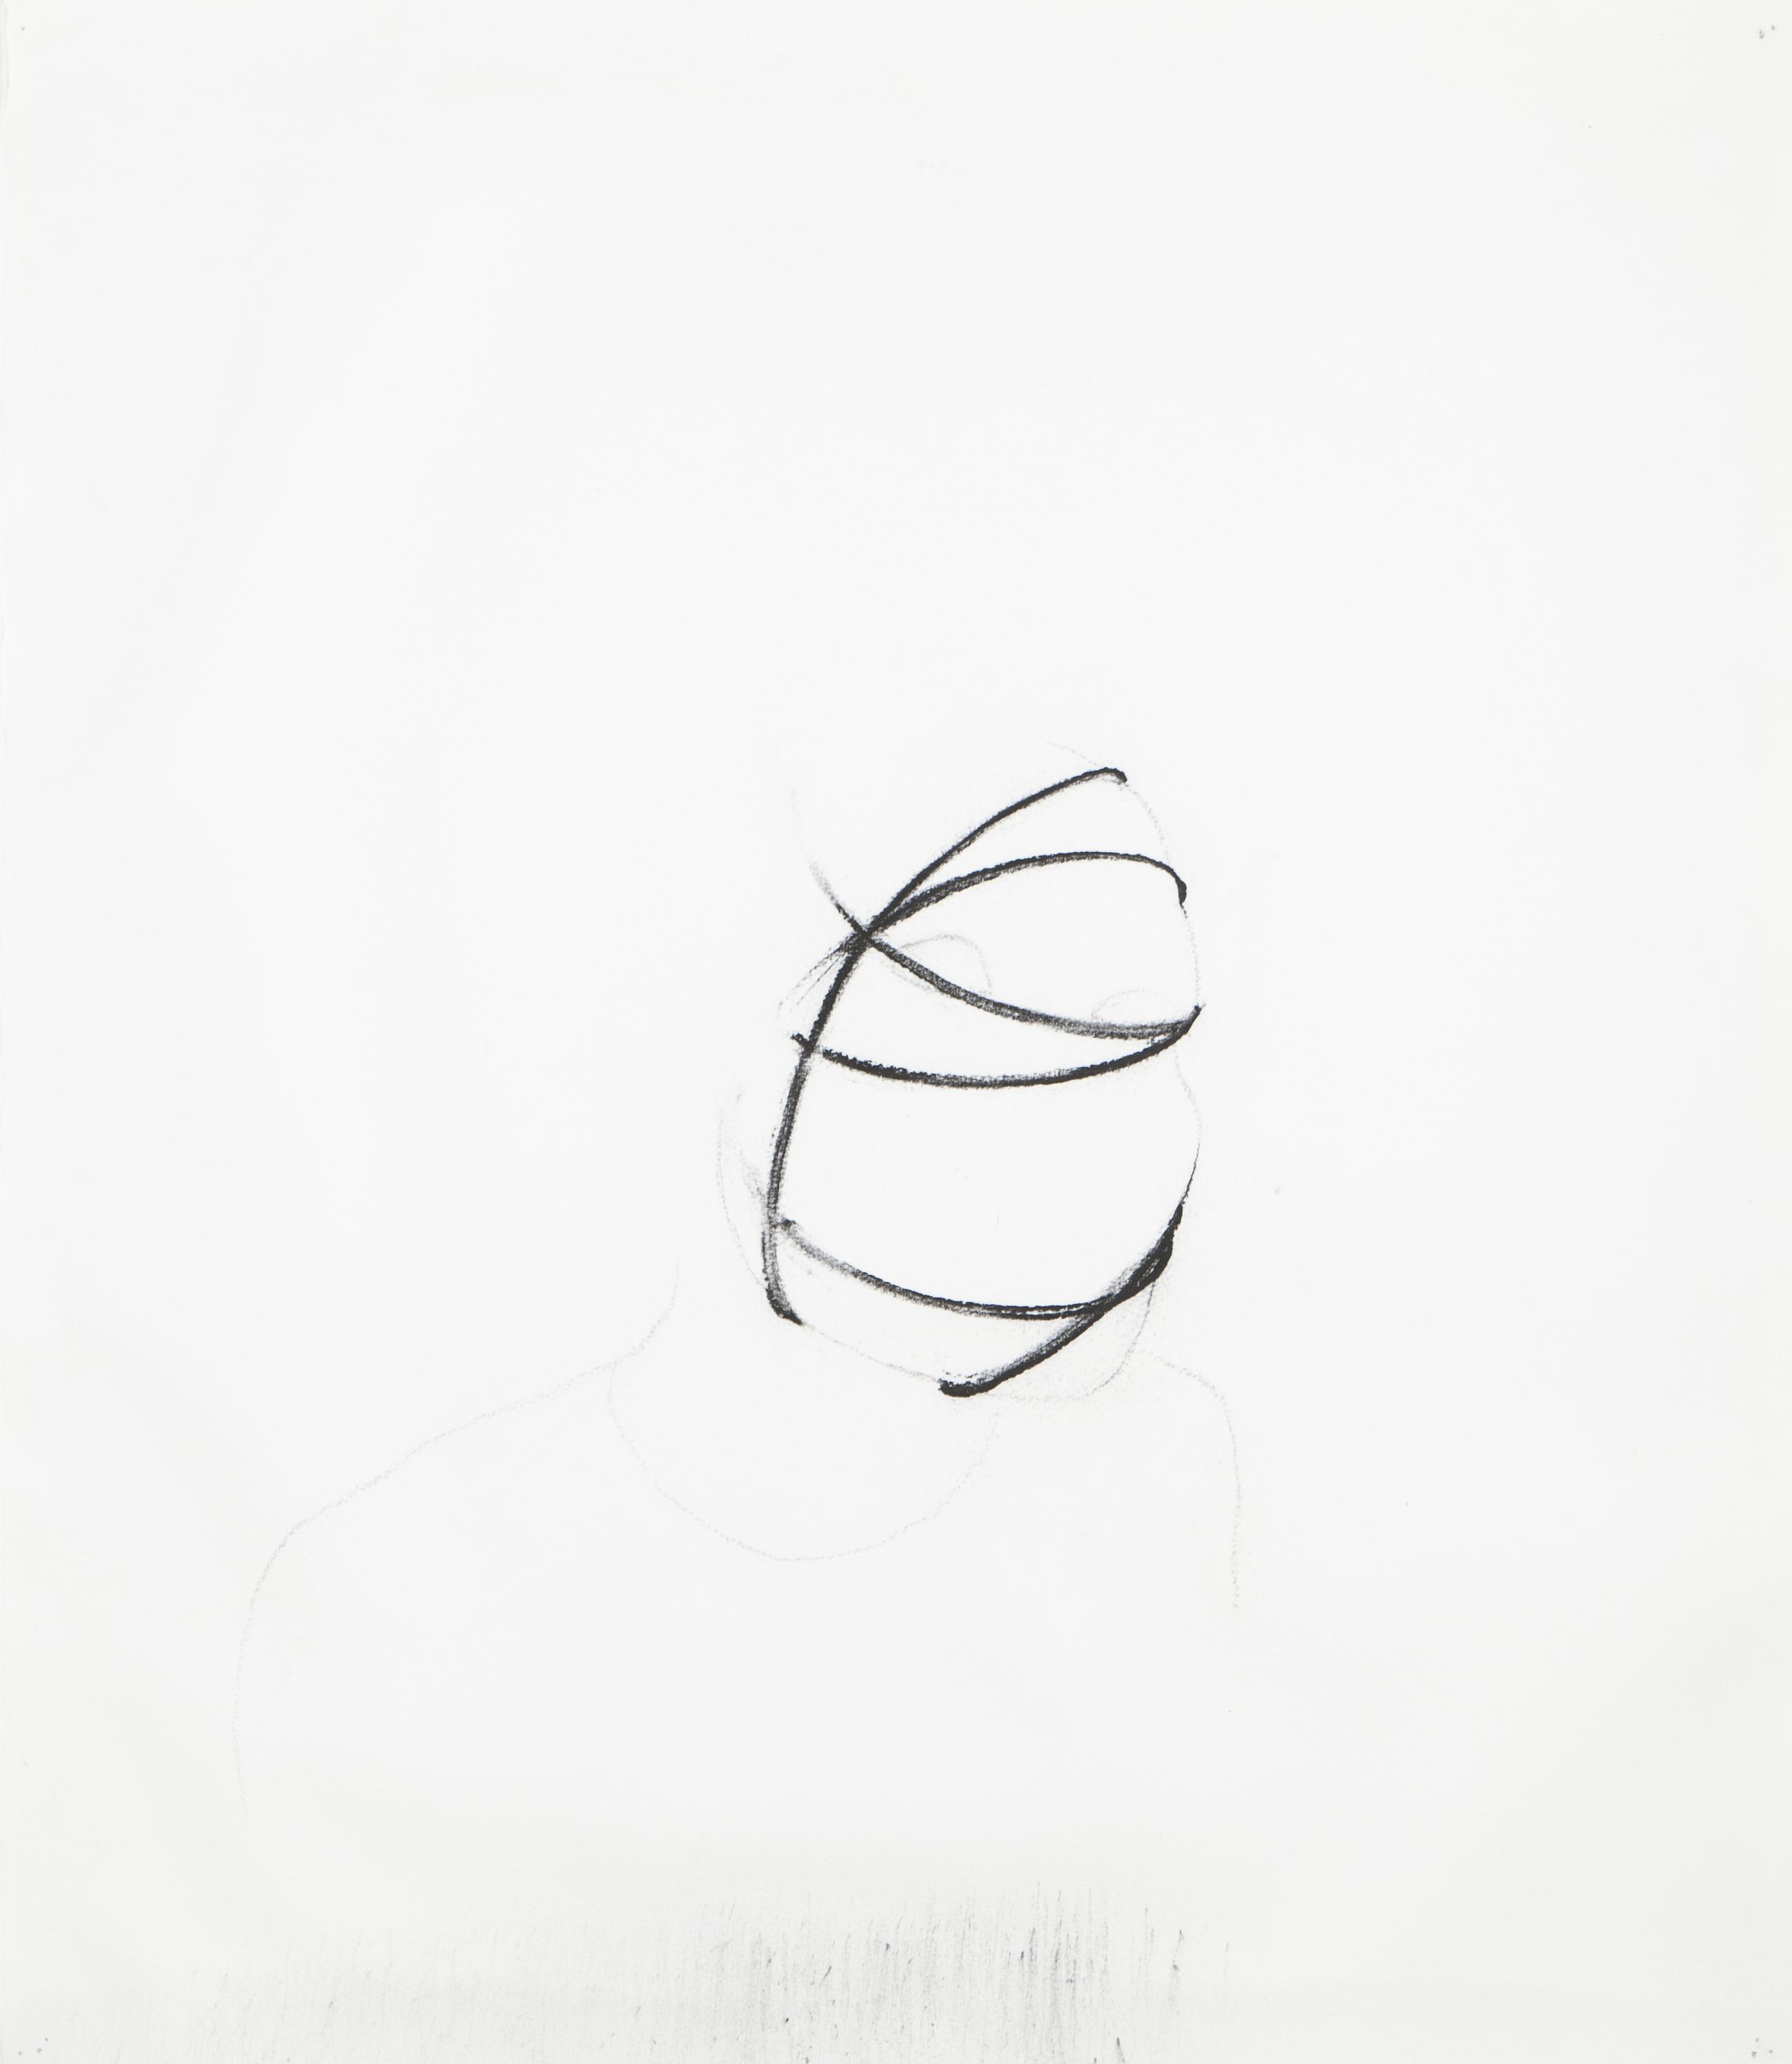 Cecilia Costa - Untitled-